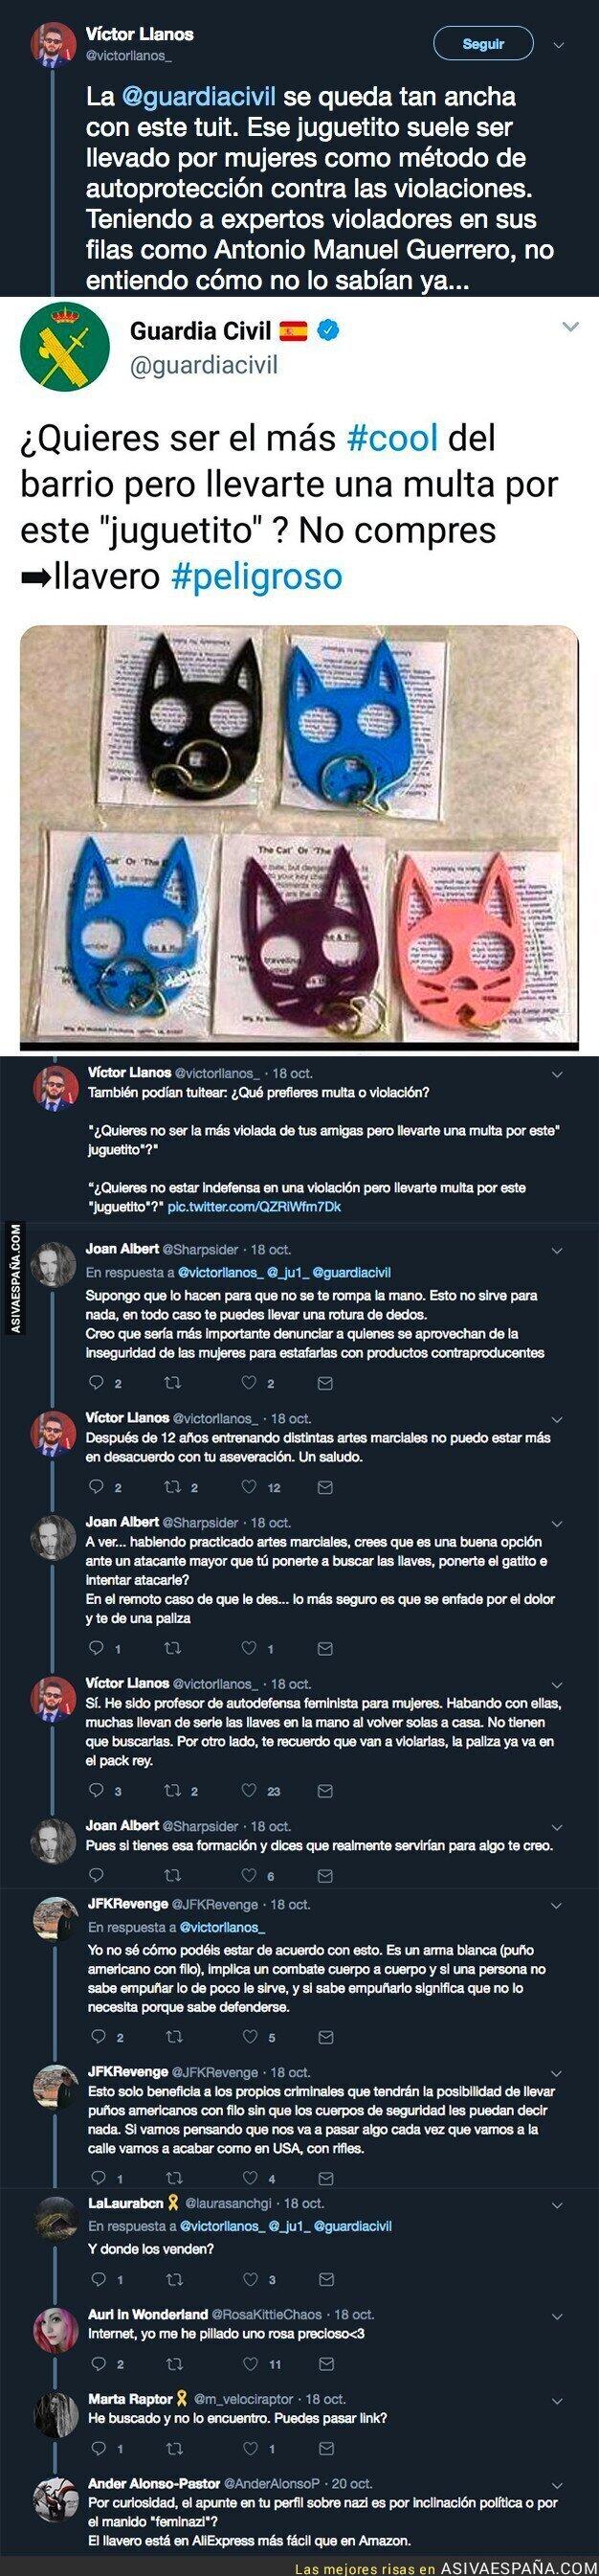 96093 - La Guardia Civil alerta que te puedes llevar una multa por llevar ese 'juguete' por la calle